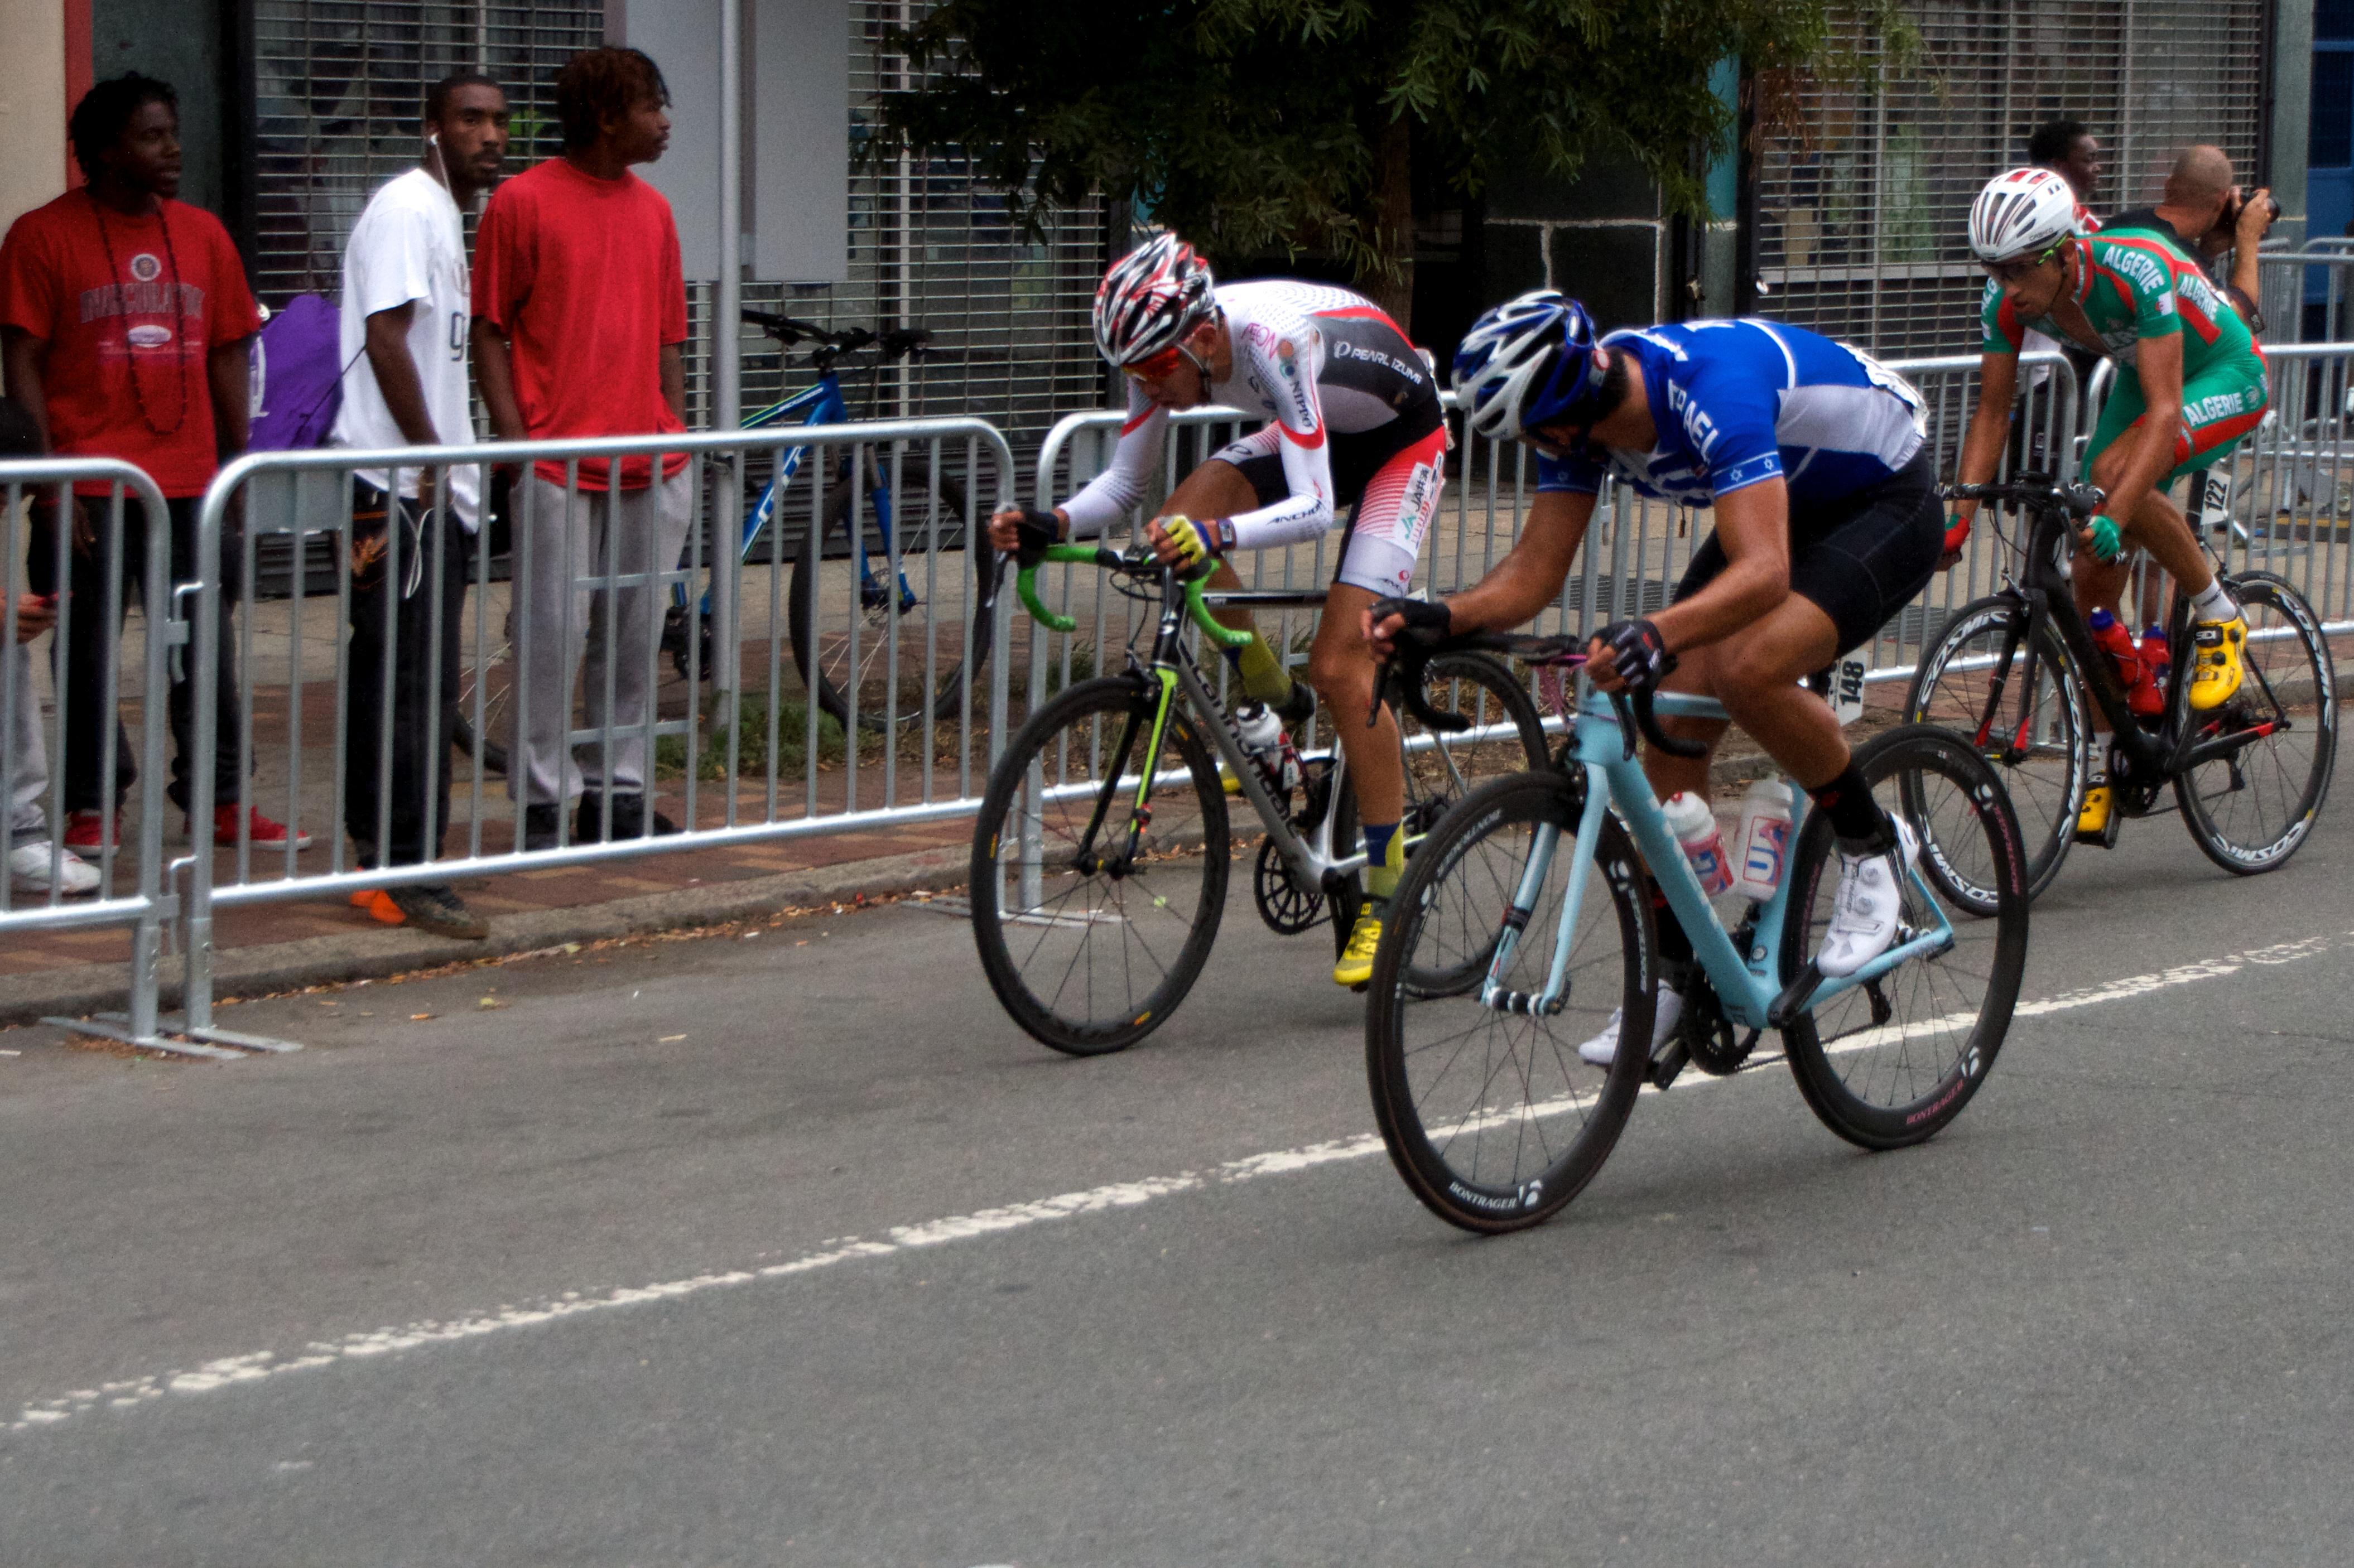 1db5b112d bicykel rekreácia vozidlo športové vybavenie jazda na bicykli preteky  športové dostihy vcubrb cestná cyklistika rekreáciu v